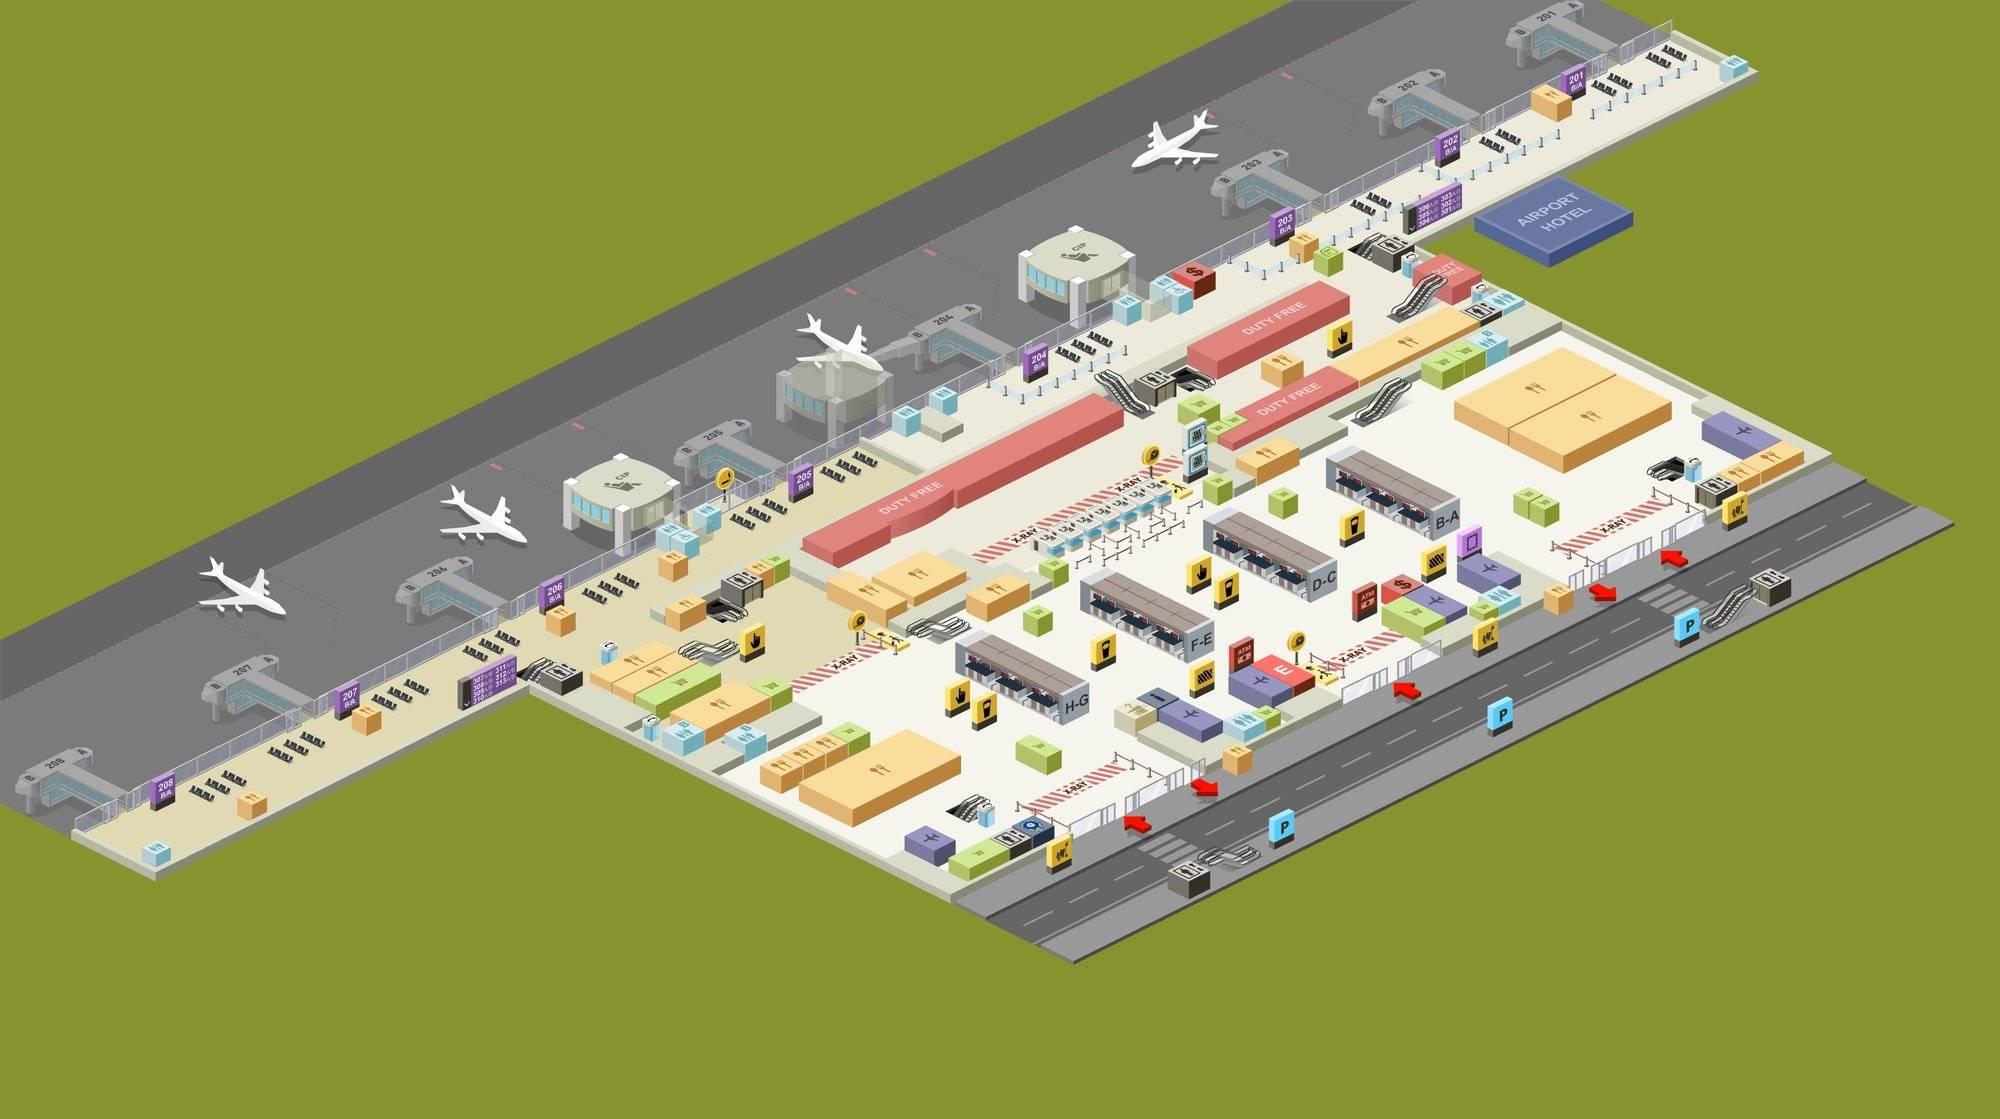 Аэропорт сабиха гекчен в стамбуле: схема аэропорта, как добраться в центр города - 2021 - страница 7